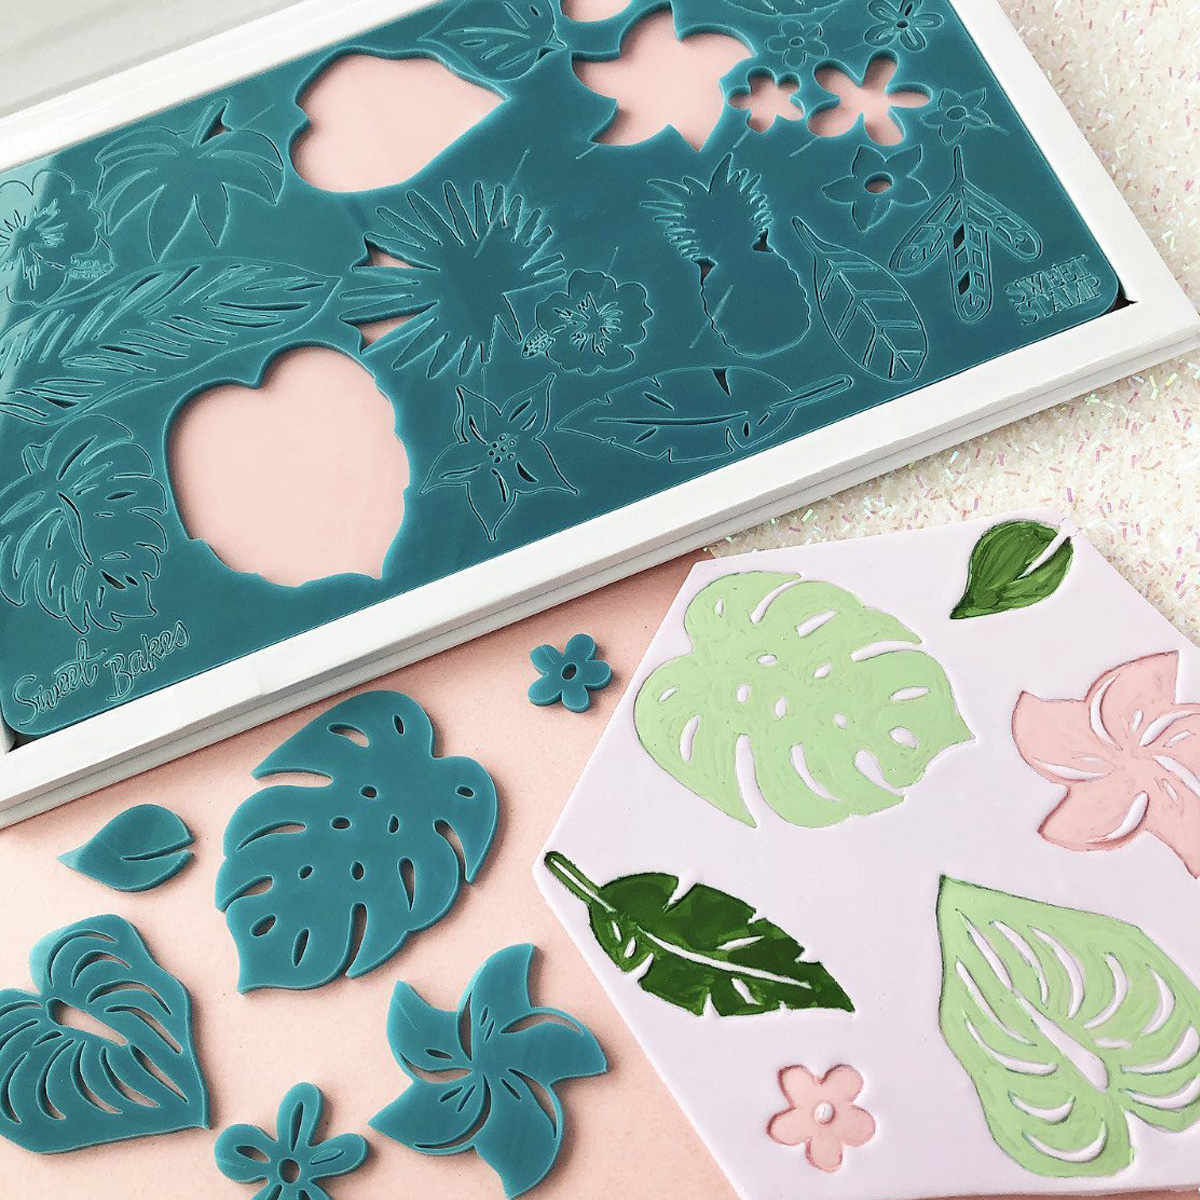 Sweet Stamp Tropical Vibes - Blumen und Blätter